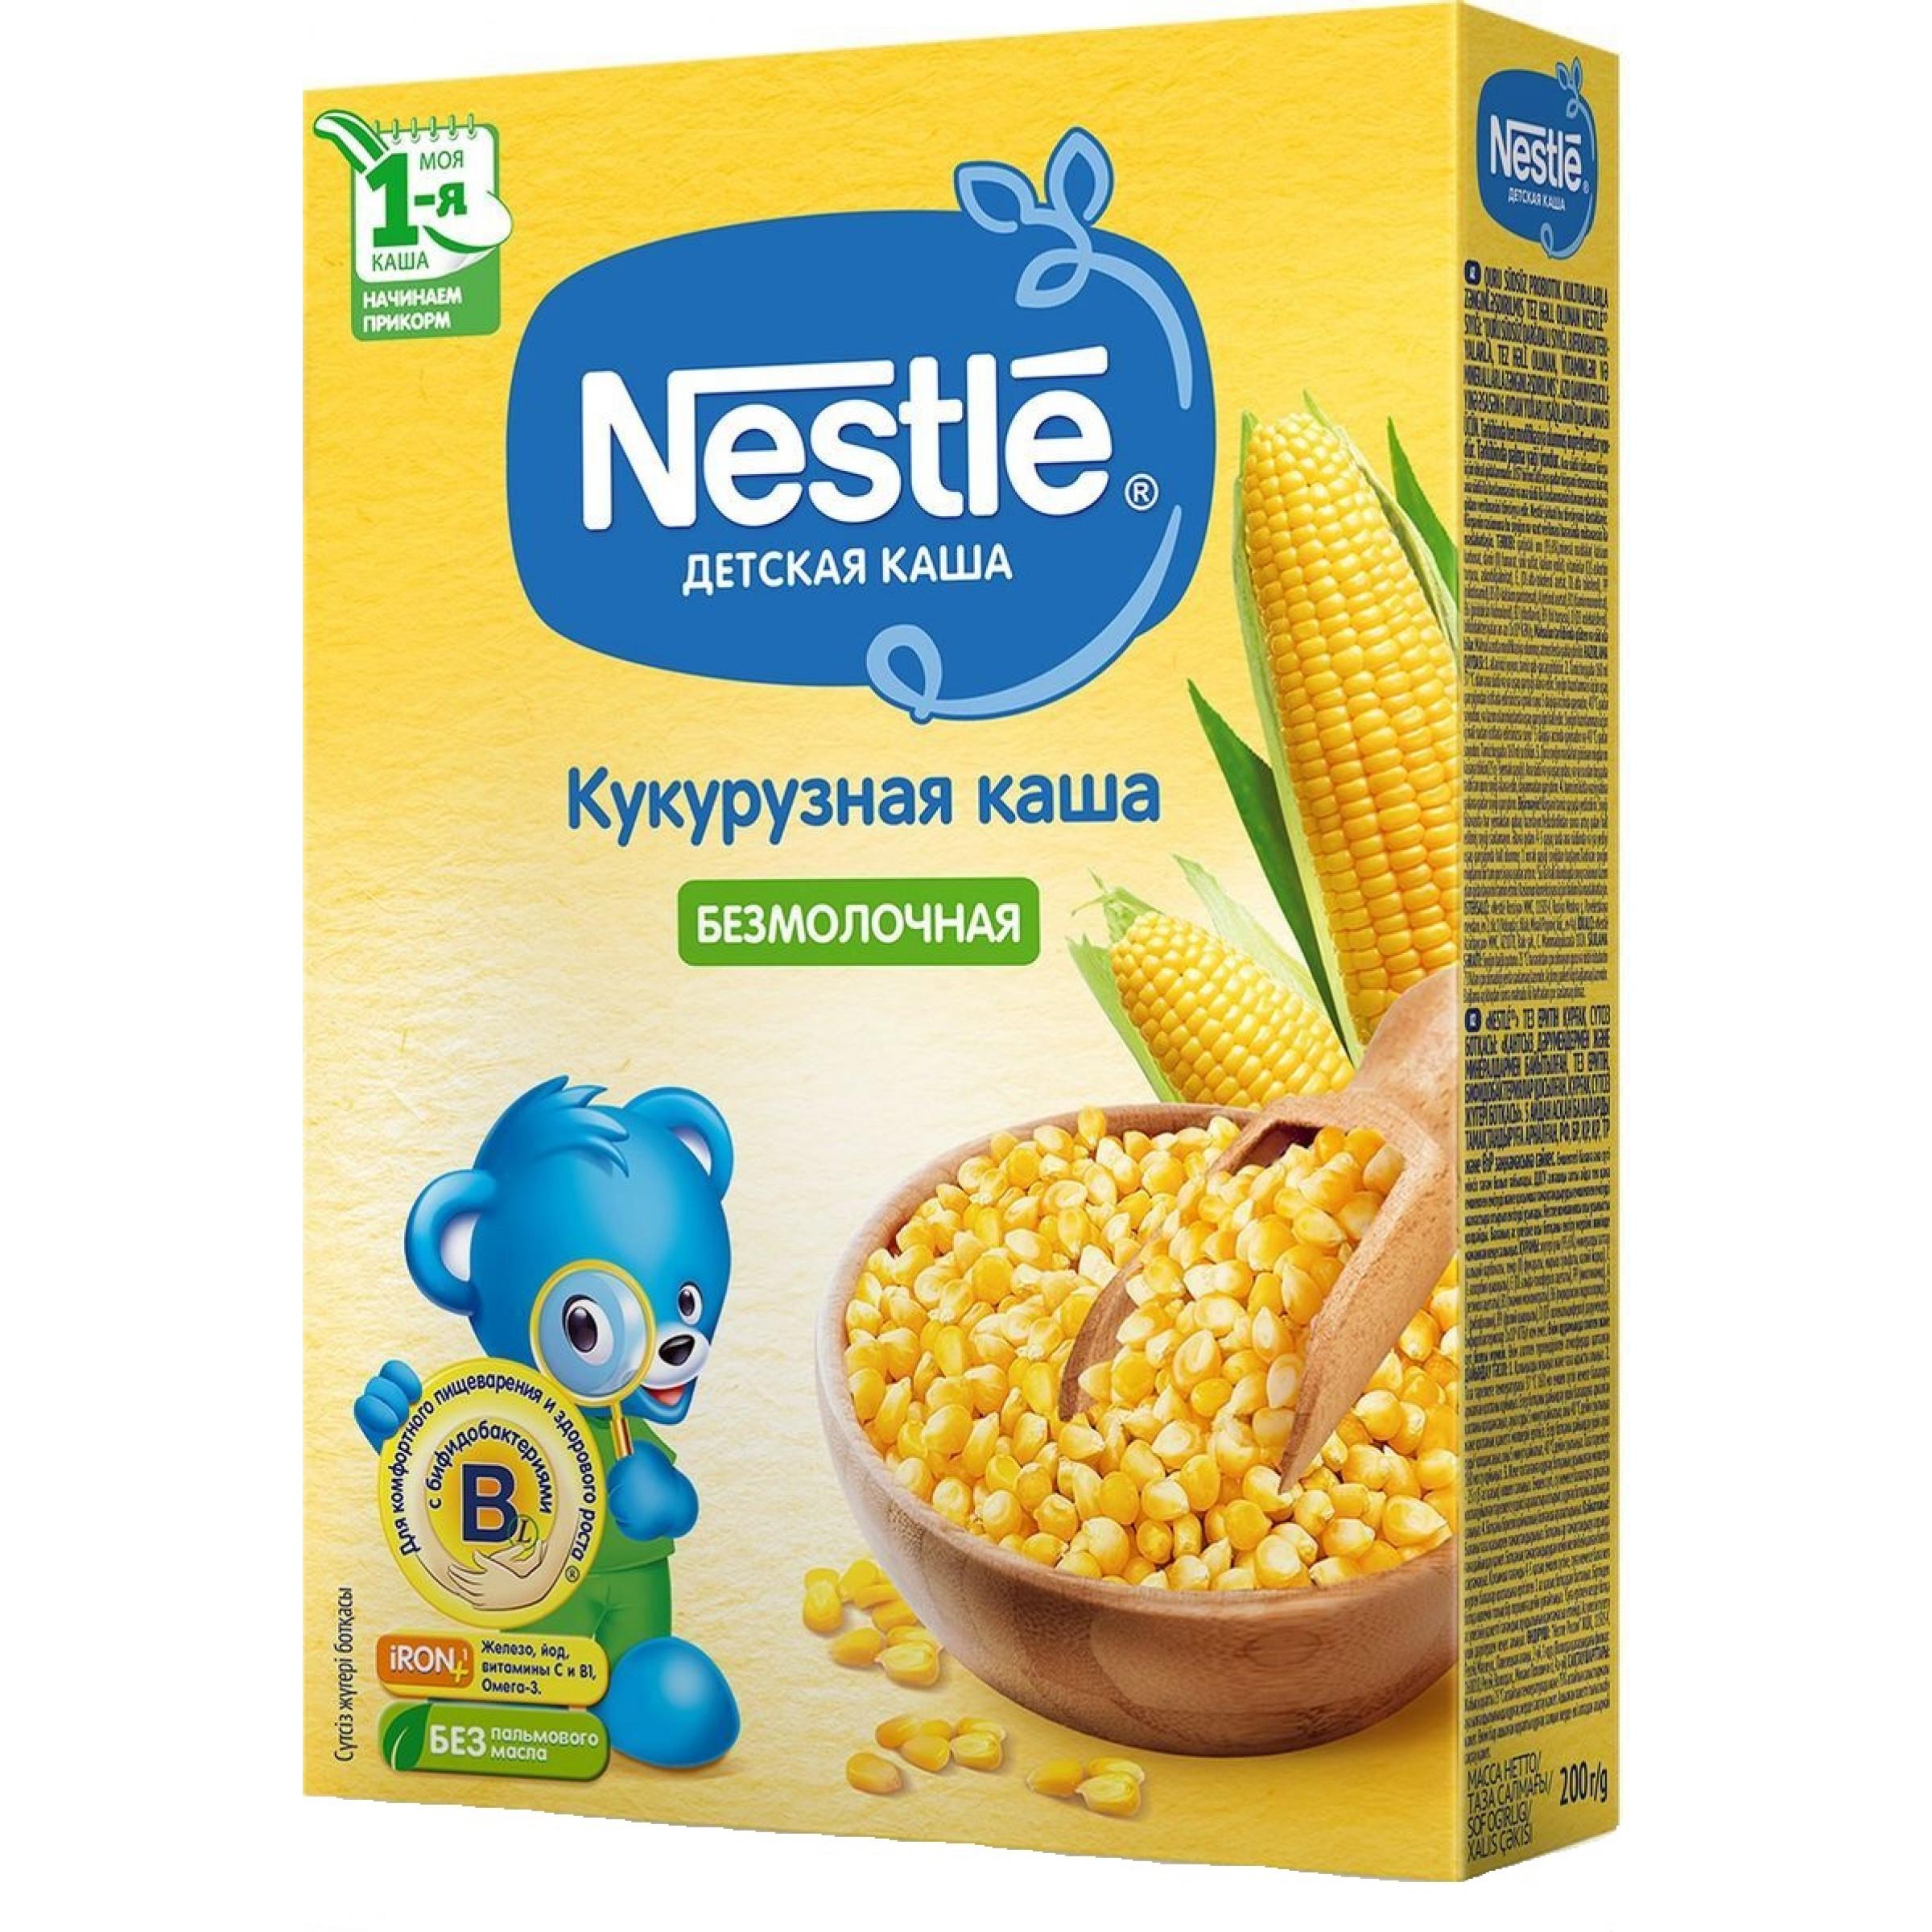 Каша безмолочная Nestle кукуруза для детей старше 5 месяцев 1-я ступень, 200 г